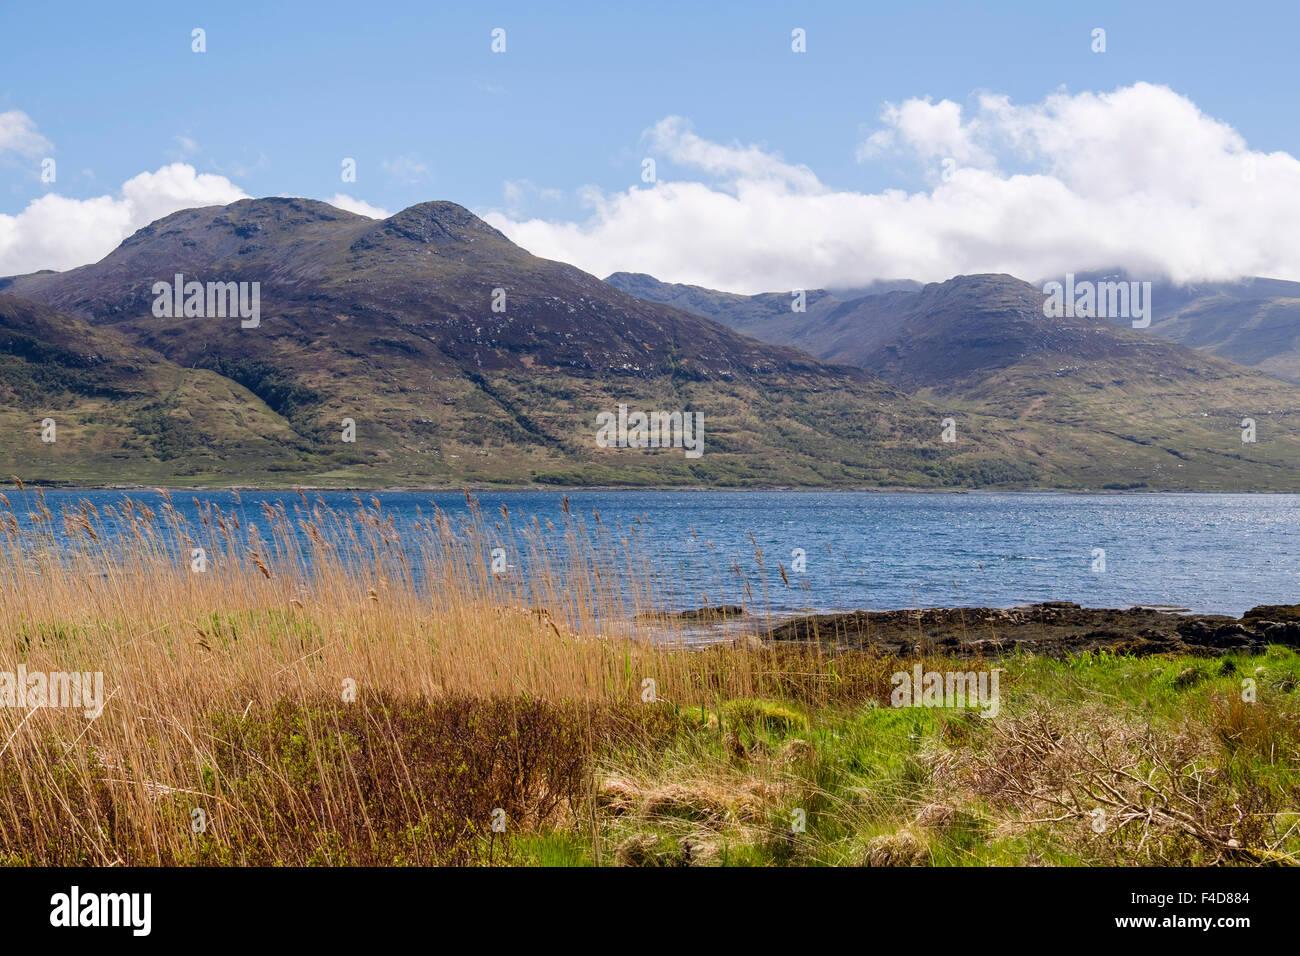 Vue sud sur le Loch na Keal à couvert de nuages et les montagnes. Ben More Isle of Mull Hébrides intérieures Photo Stock